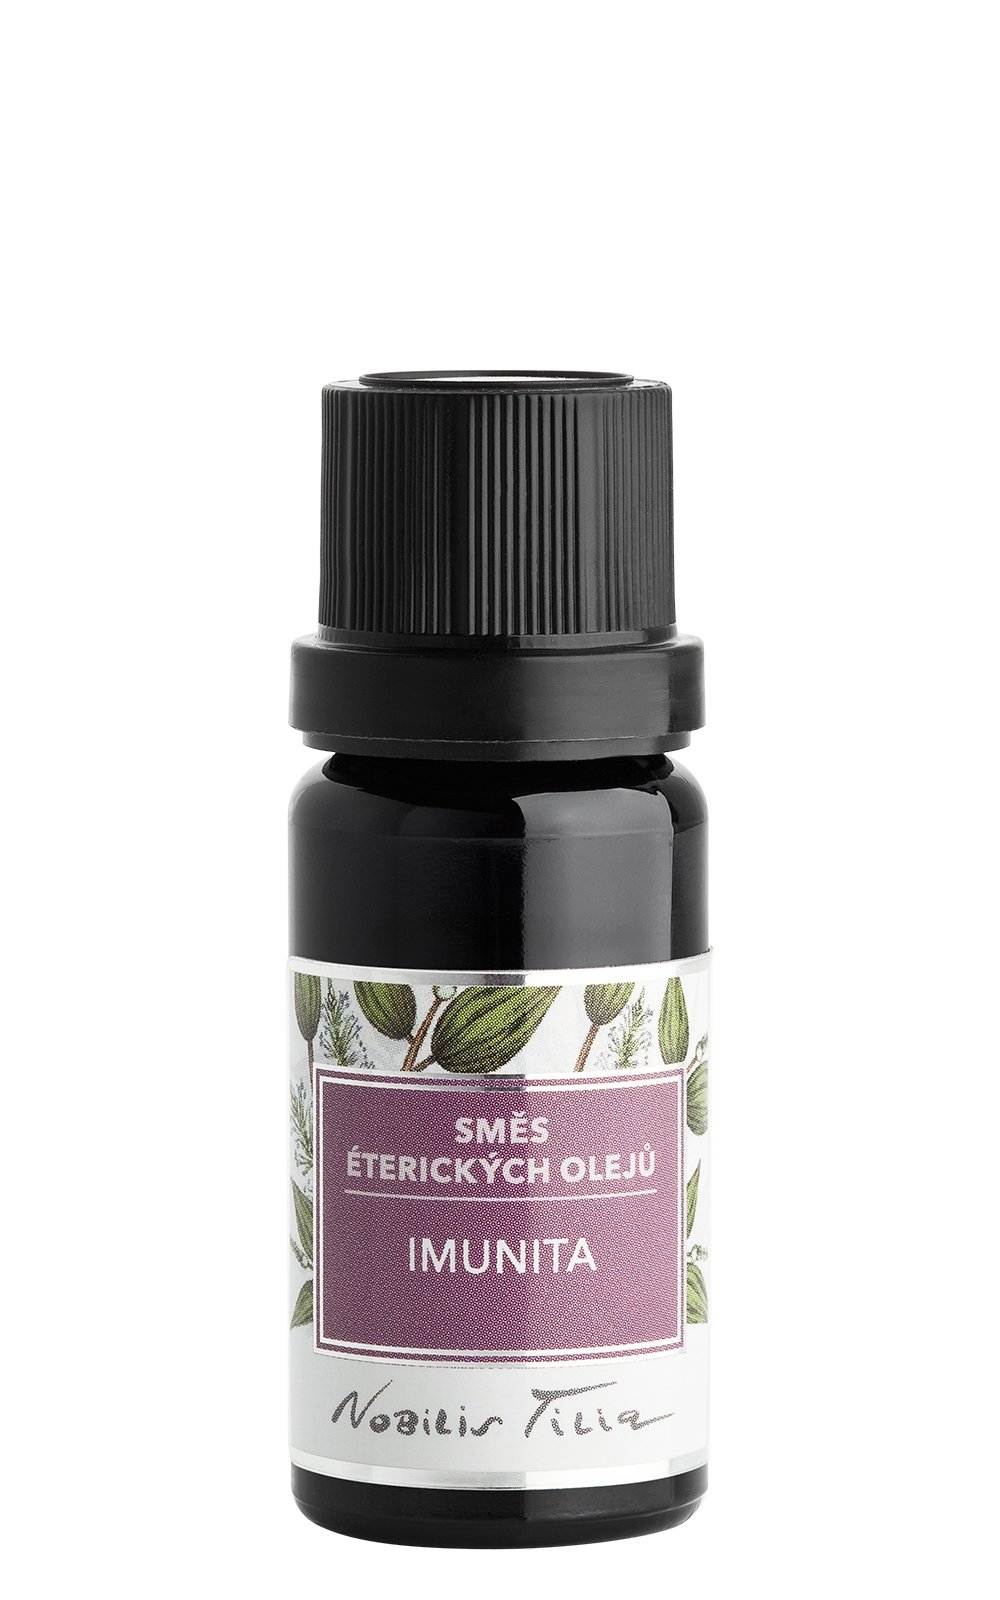 Směs éterických olejů Imunita: 10 ml